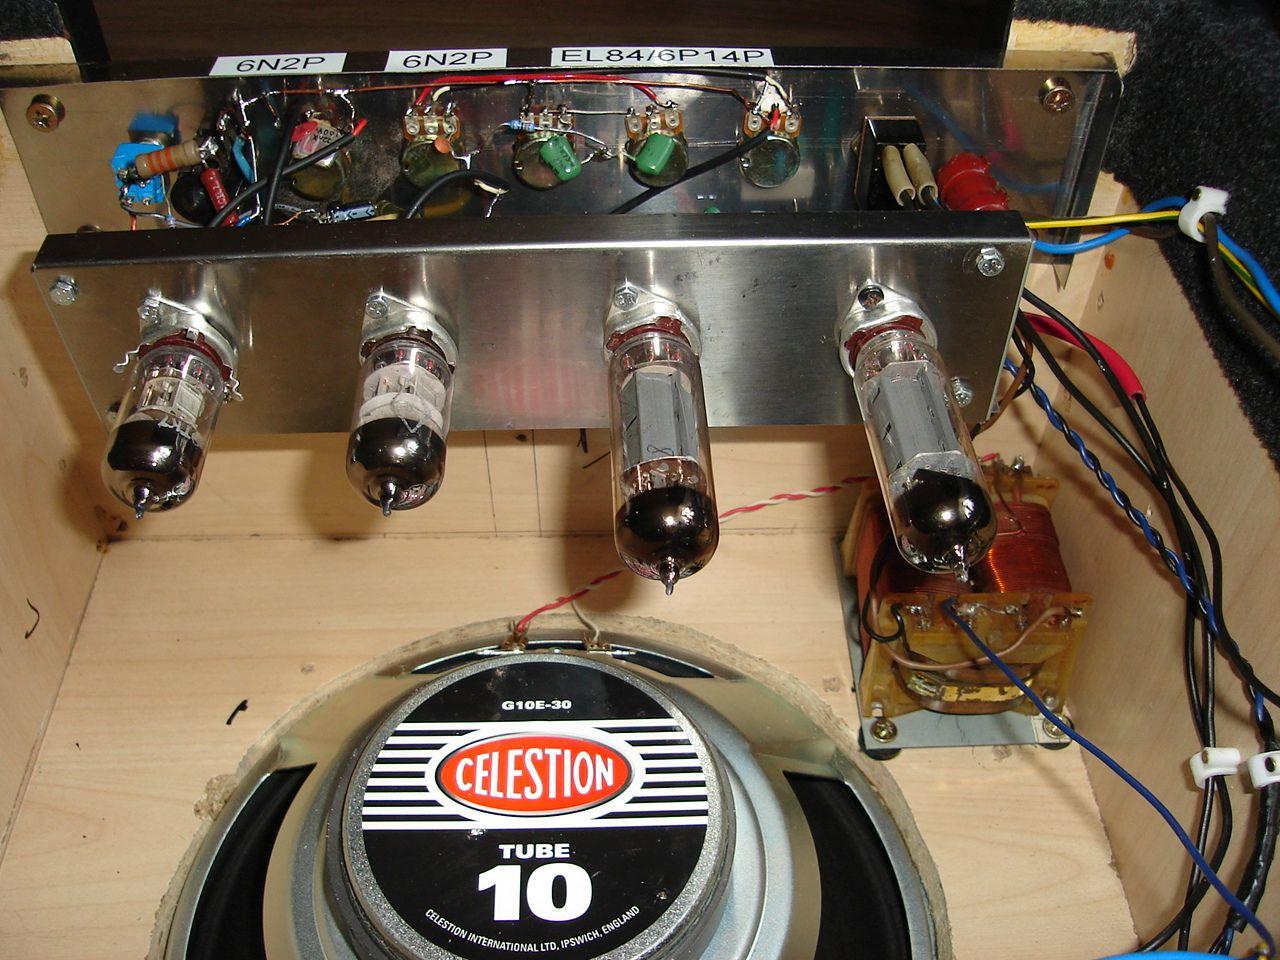 podłącz ipswich serwis randkowy dla inżynierów dźwięku